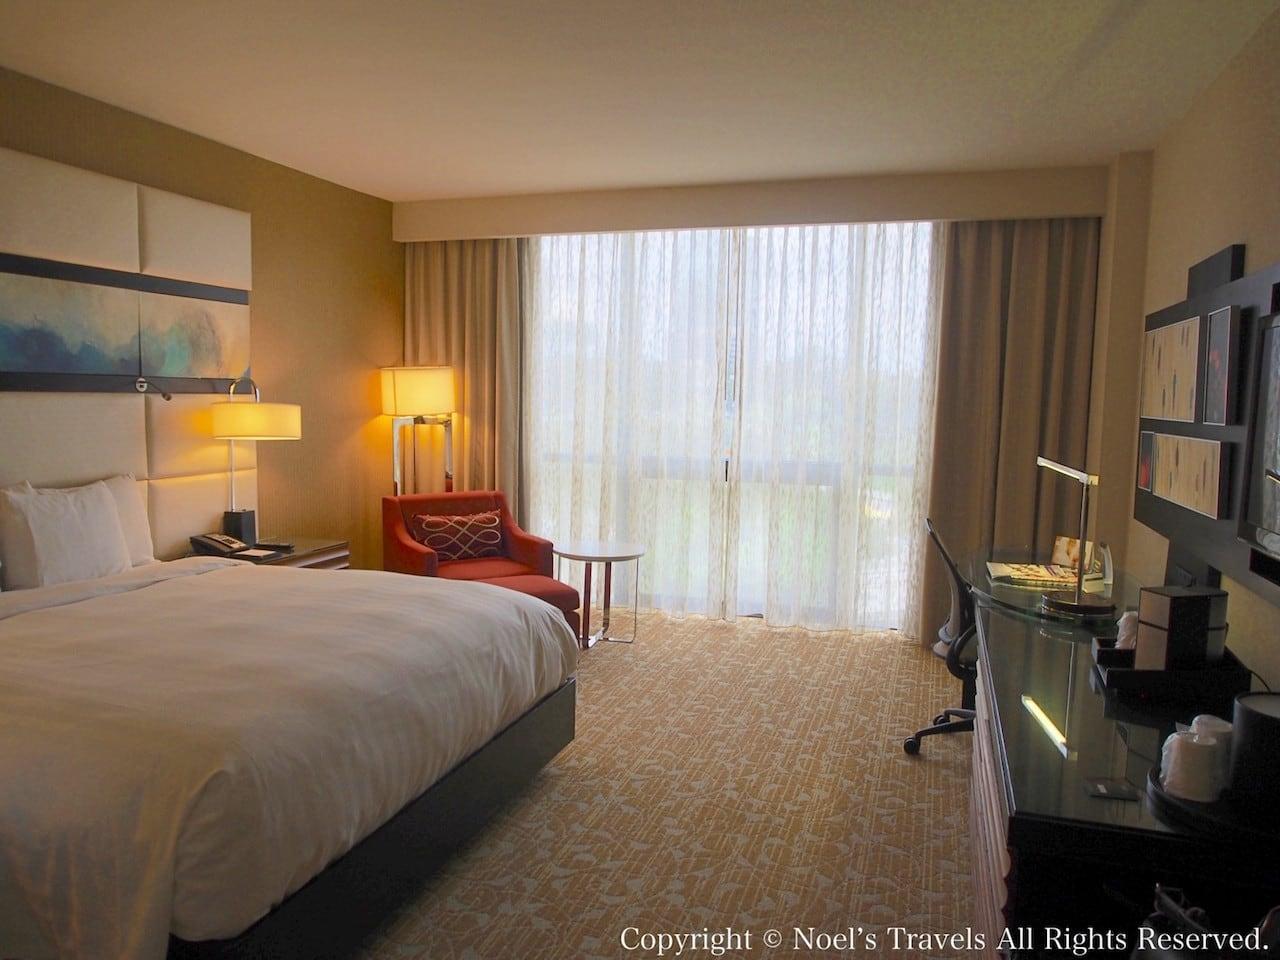 The LA グランドホテル・ダウンタウンの客室